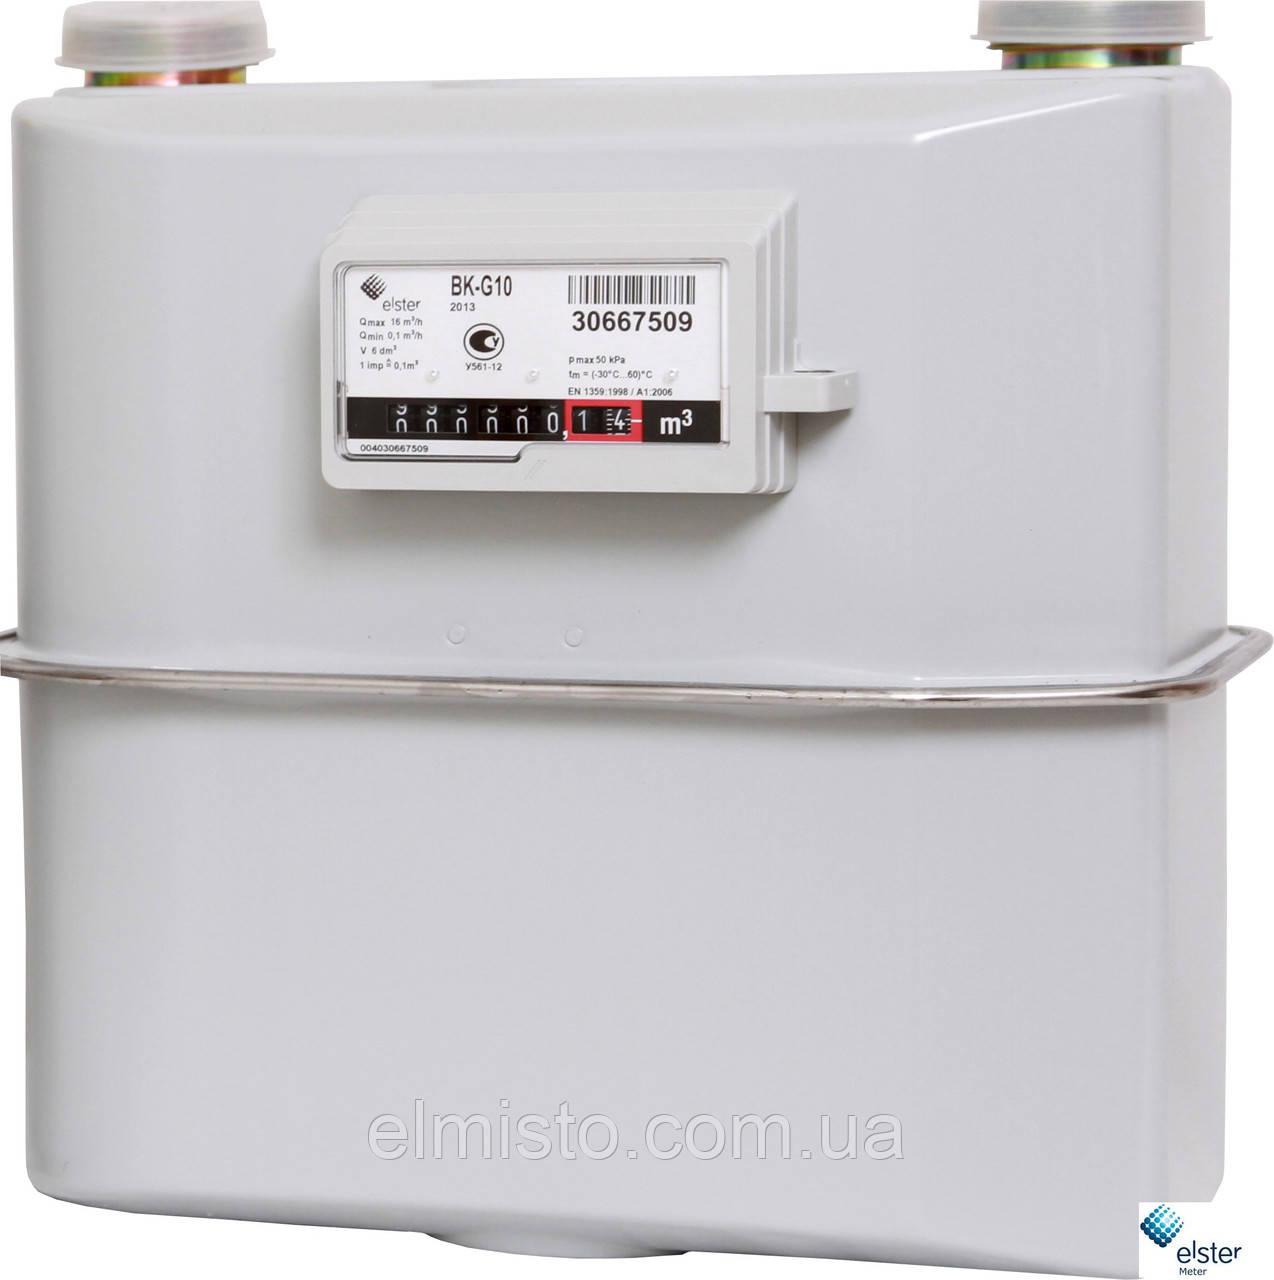 Счетчик газа ELSTER BK G 10 мембранный (диафрагменный) коммунальный «ElsterGroup» (Словакия-Германия)